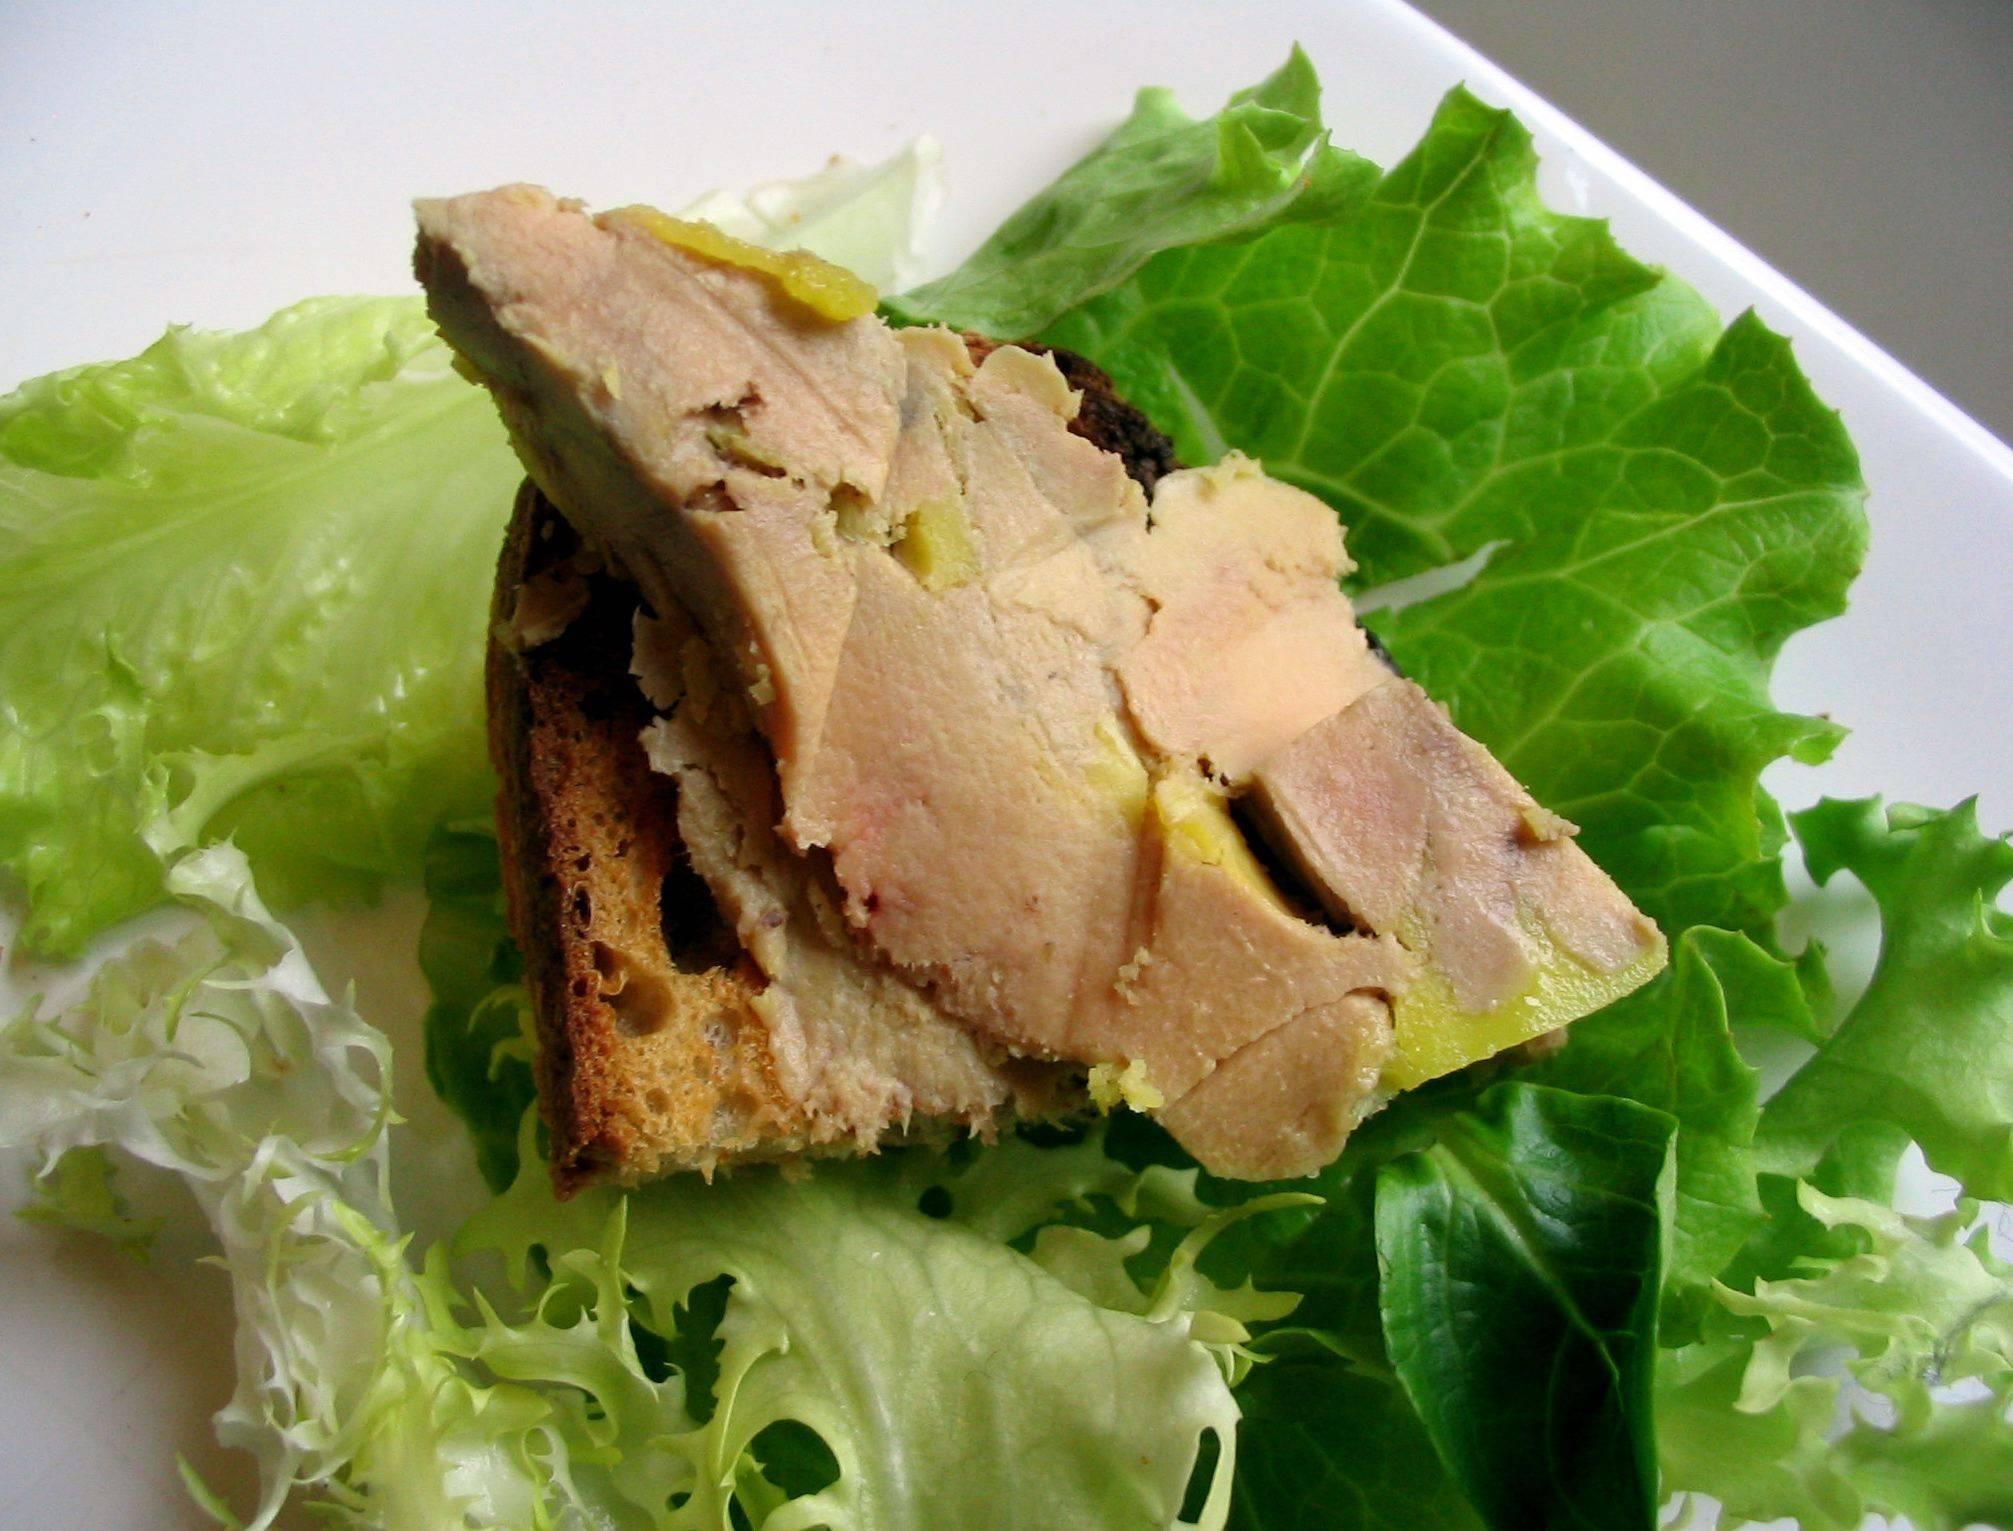 Culinotests pourquoi pr parer son foie gras la fa on d 39 eric l autey - Preparer son foie gras ...